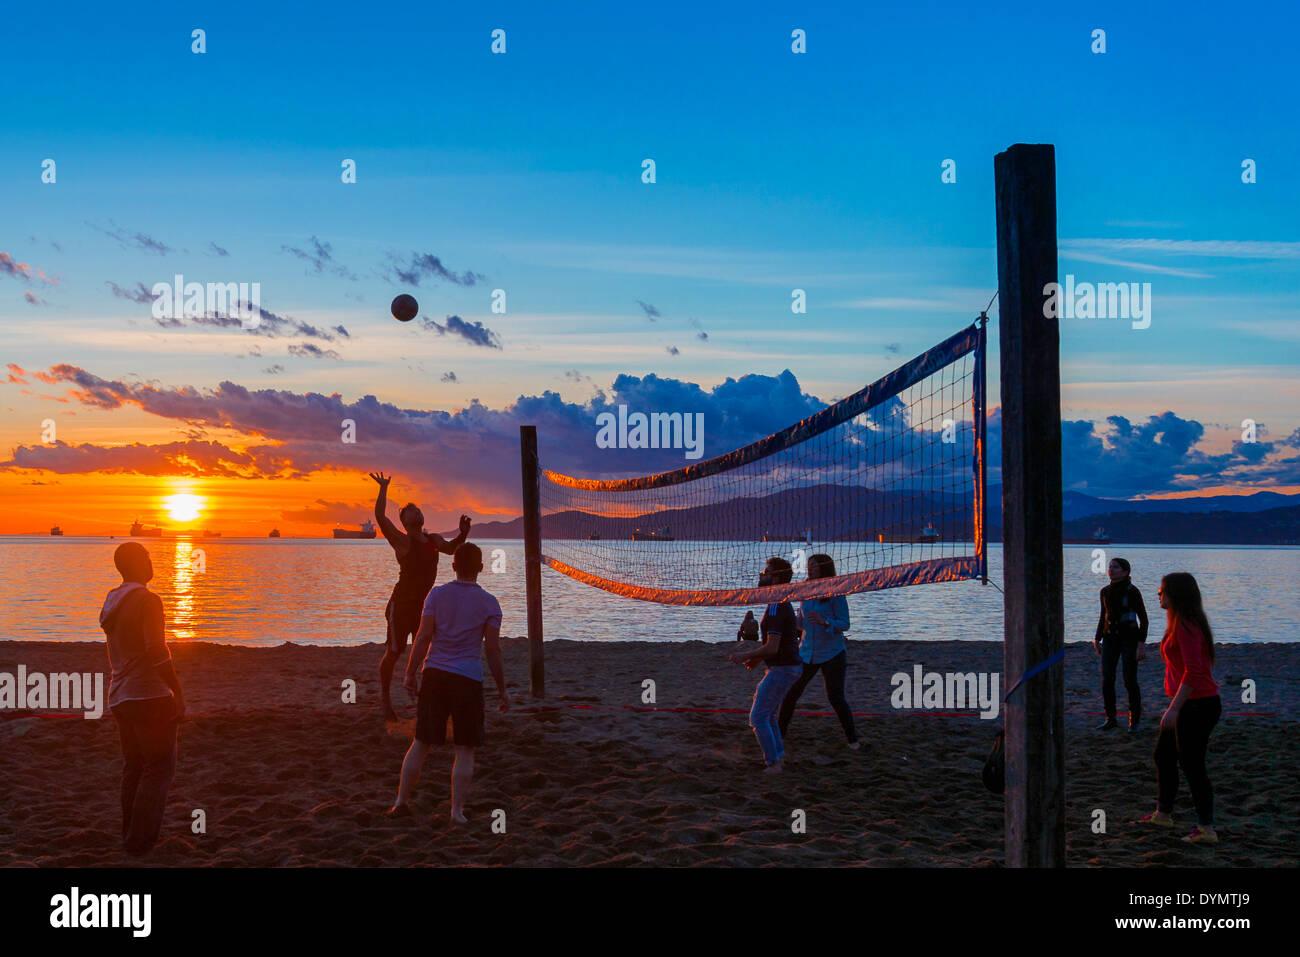 Un juego de voleibol de playa en Sunset Beach, la playa de English Bay, Vancouver, British Columbia, Canadá Imagen De Stock